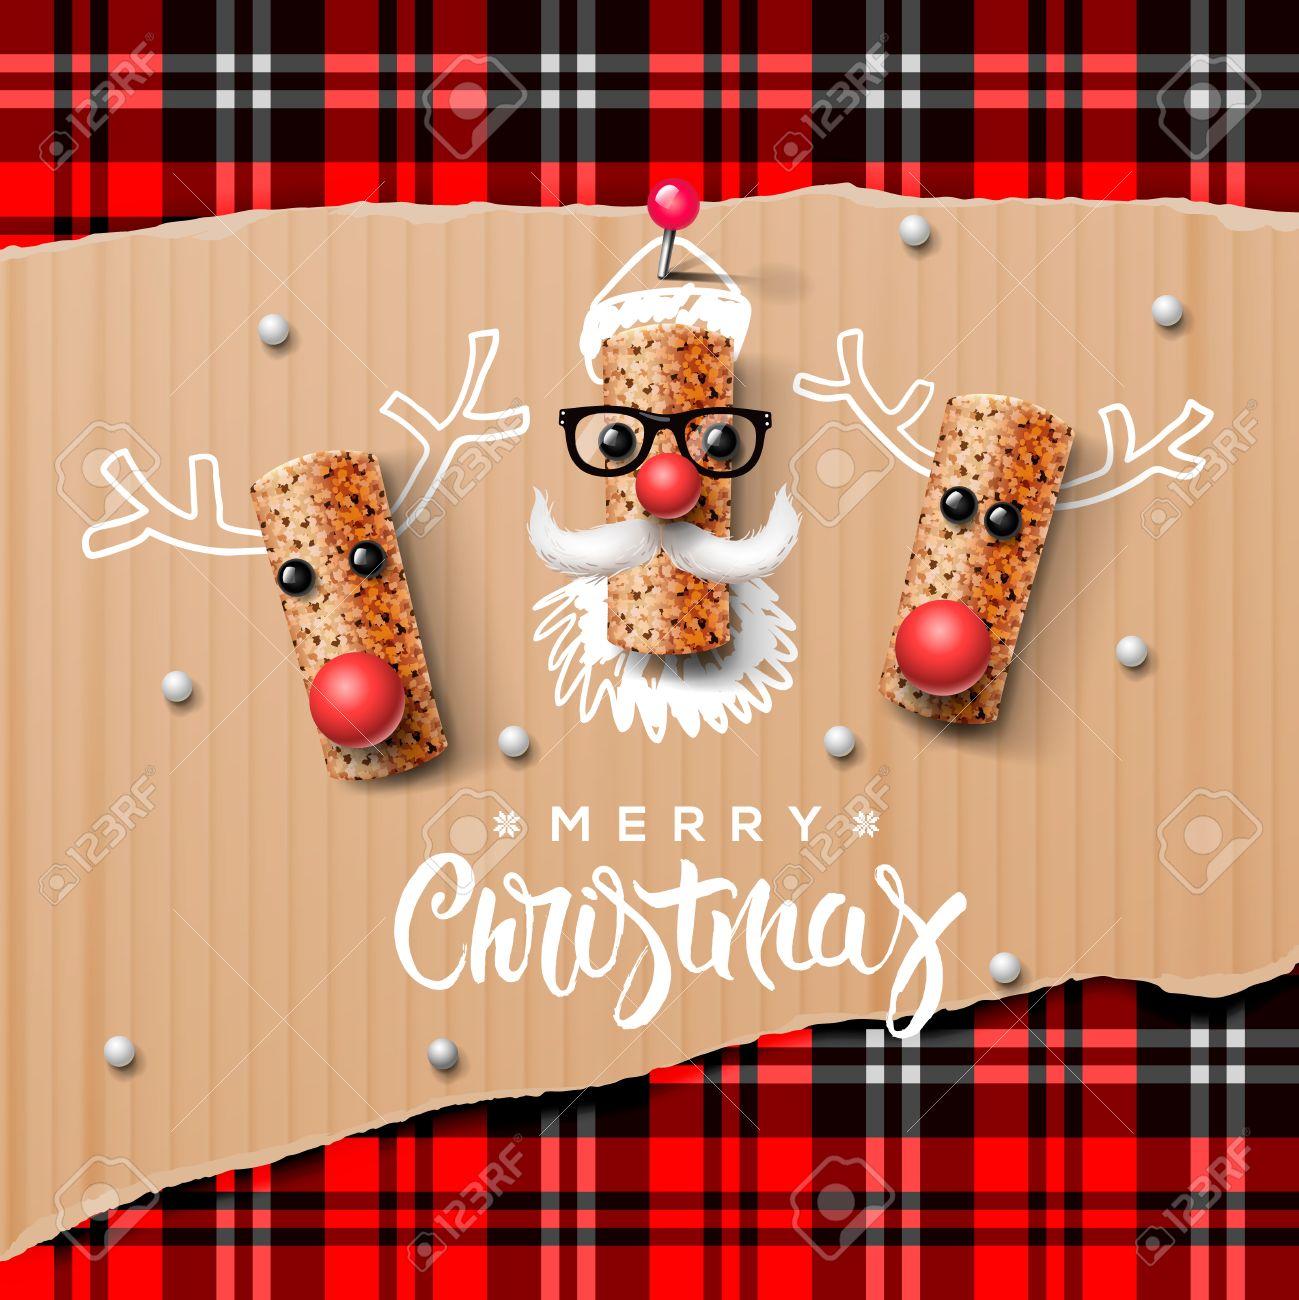 Weihnachten Zeichen Weihnachtsmann und Ren aus Wein Kork Standard-Bild - 48425023